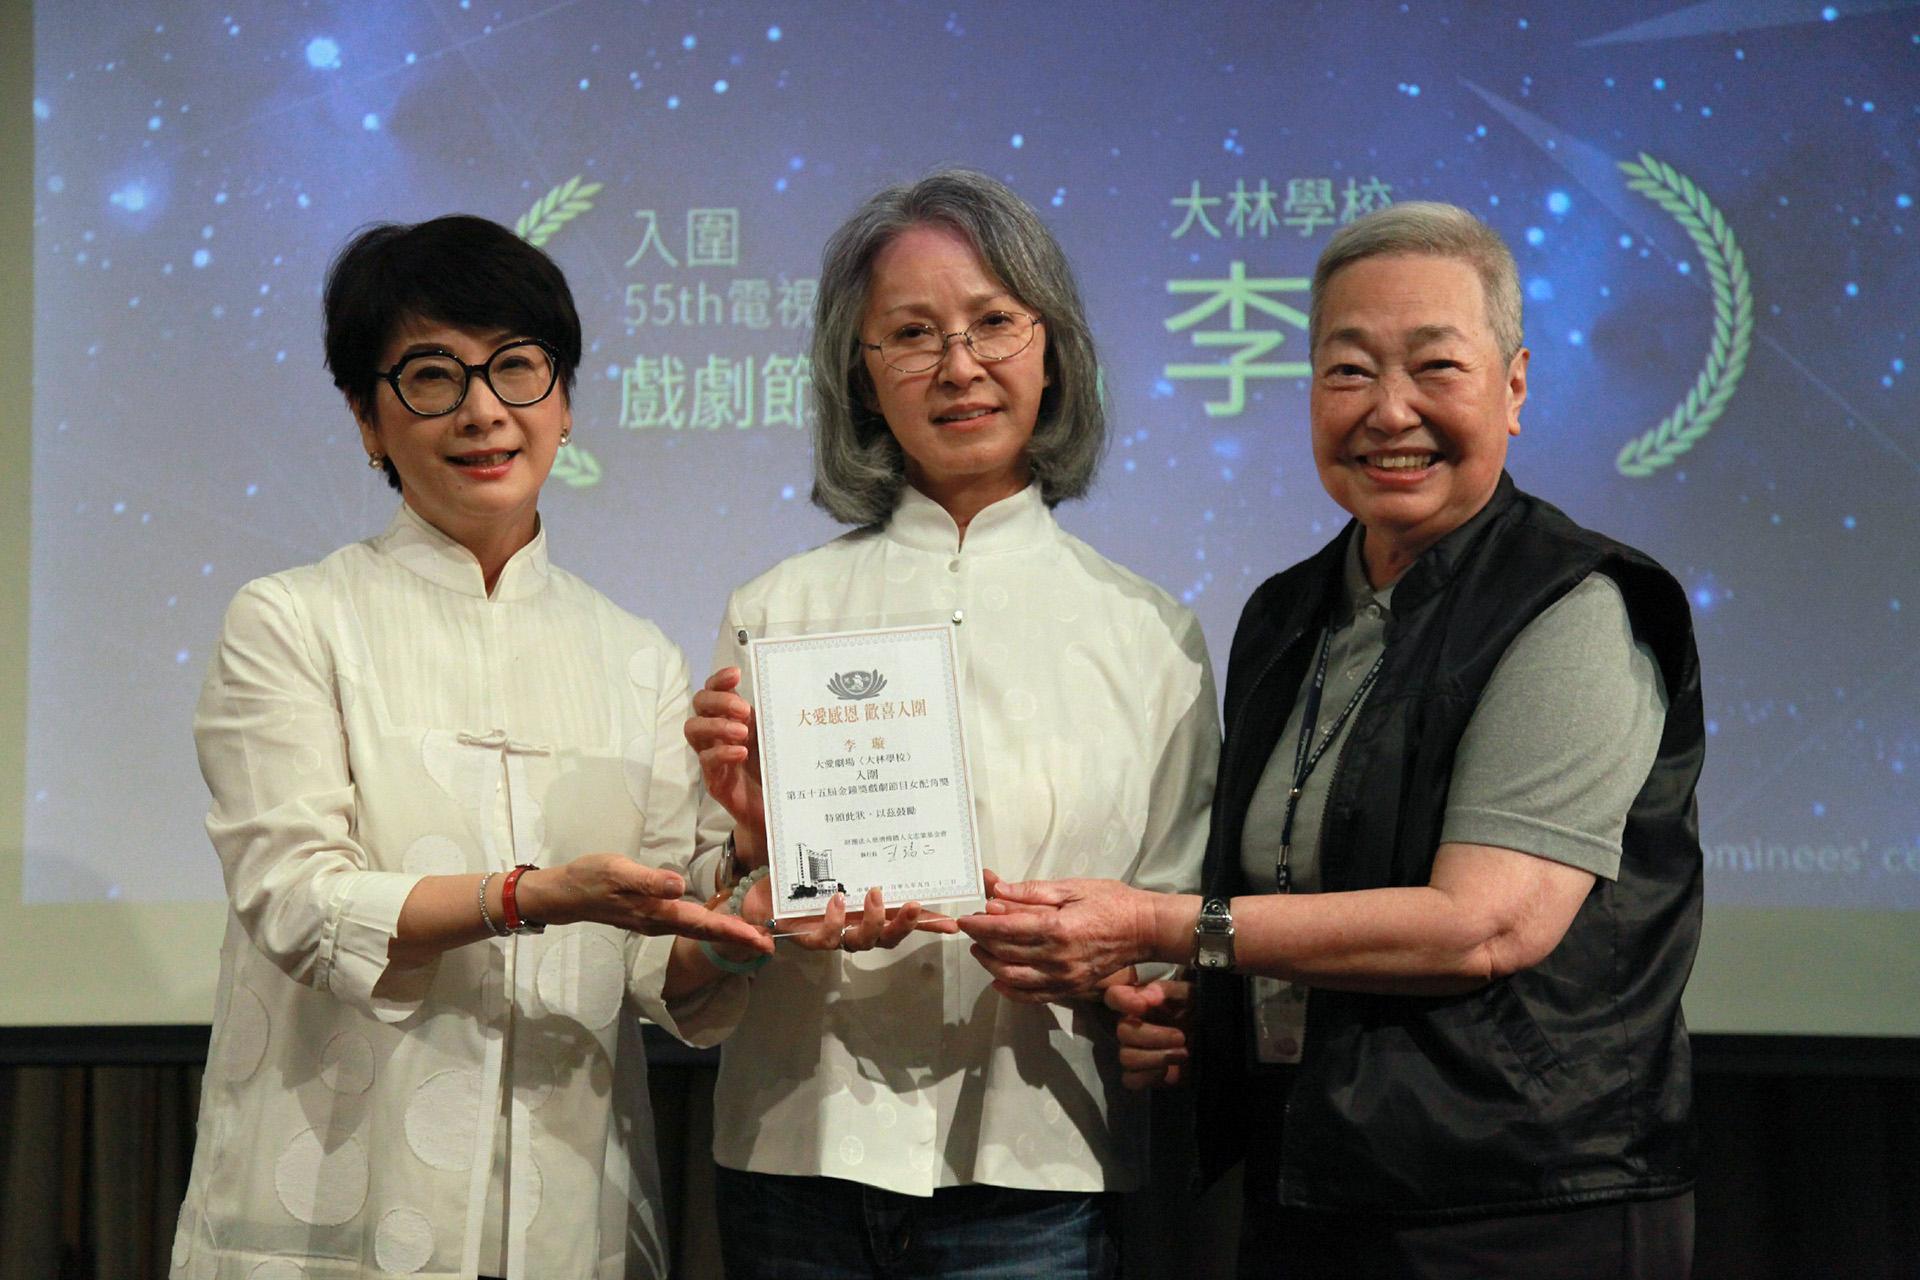 左至右:大愛電視台葉樹姍、總監、李璇、龐宜安導演